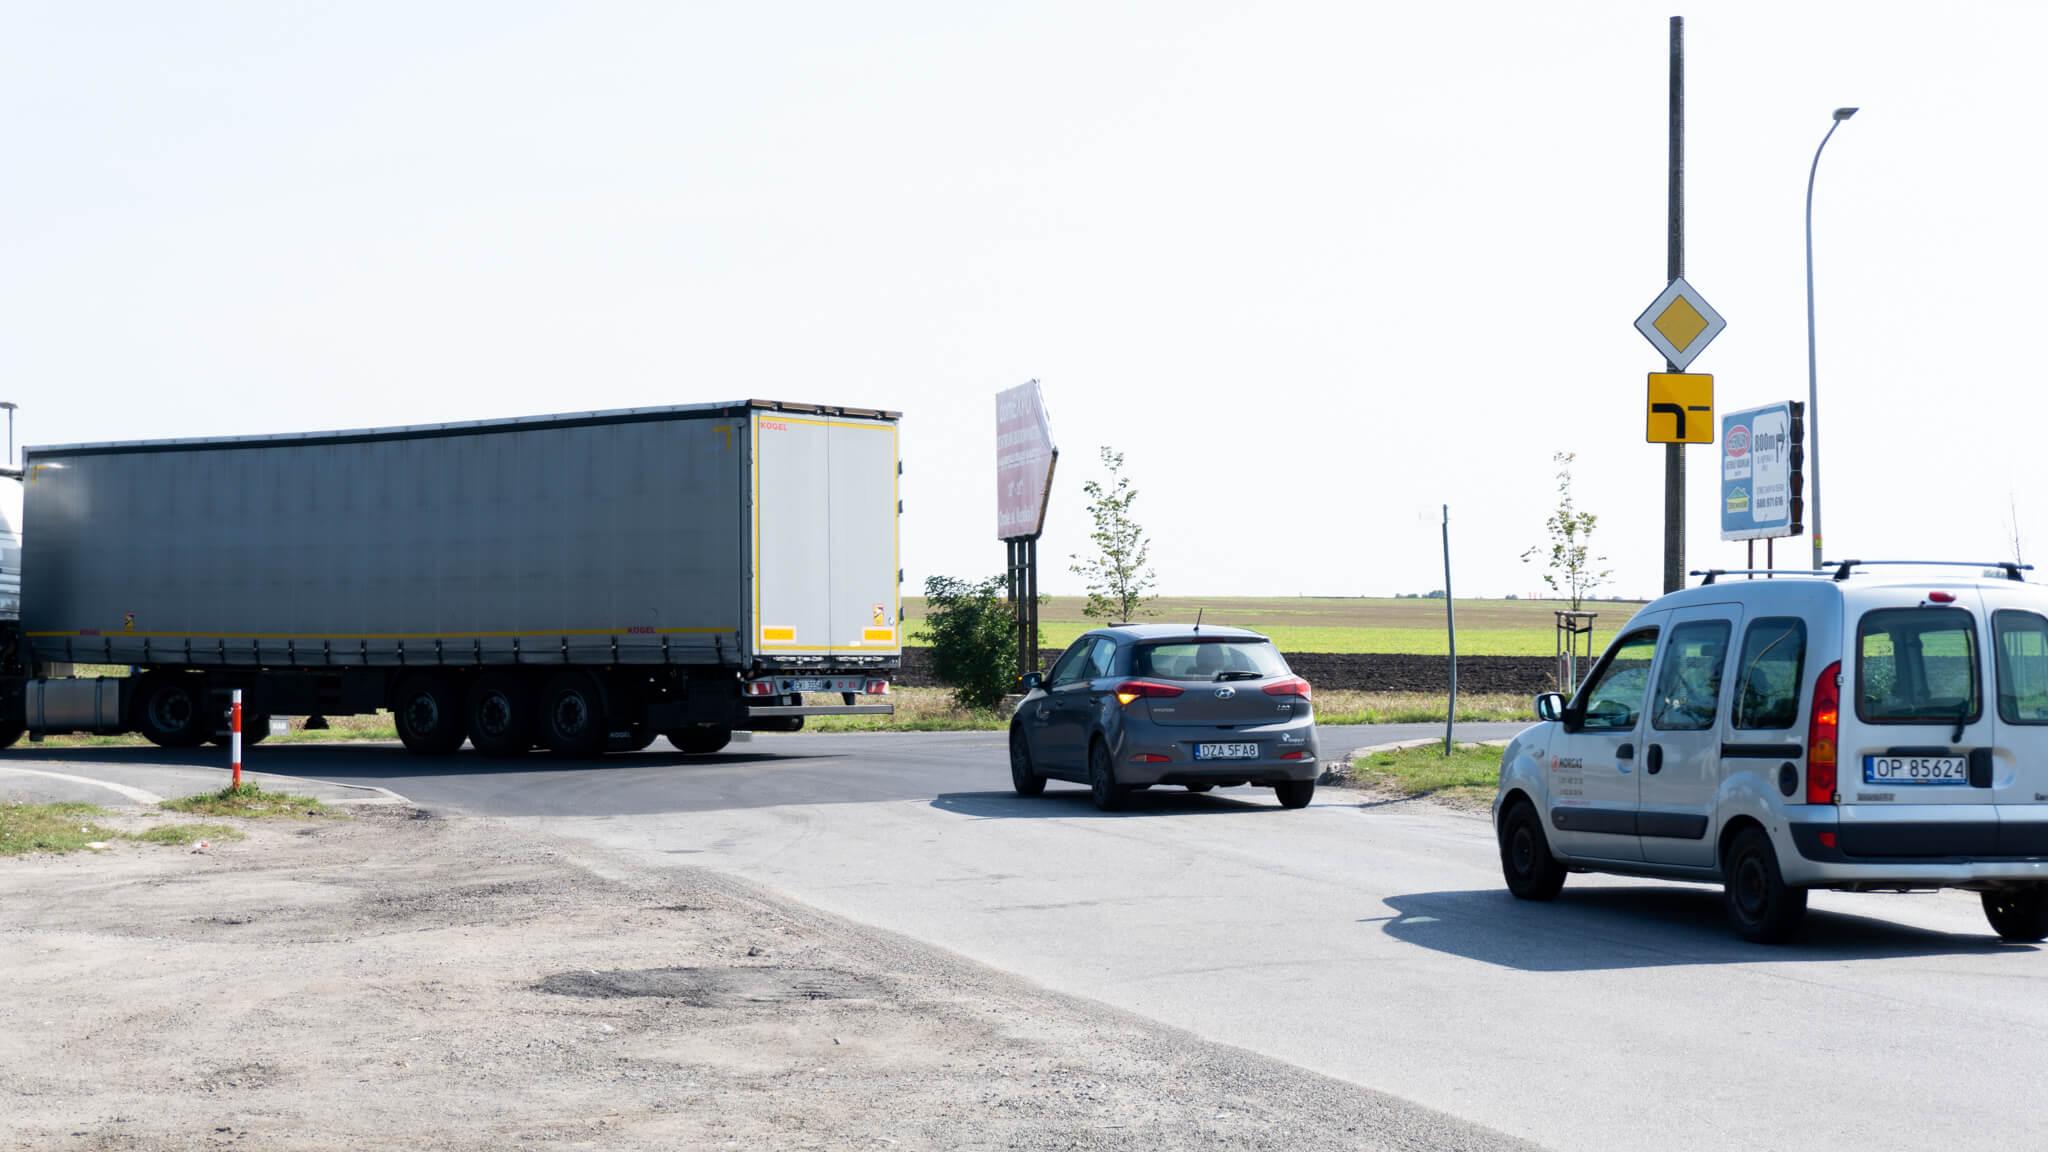 remont obwodnicy północnej Opola, objazd, zmiana organizacji ruchu